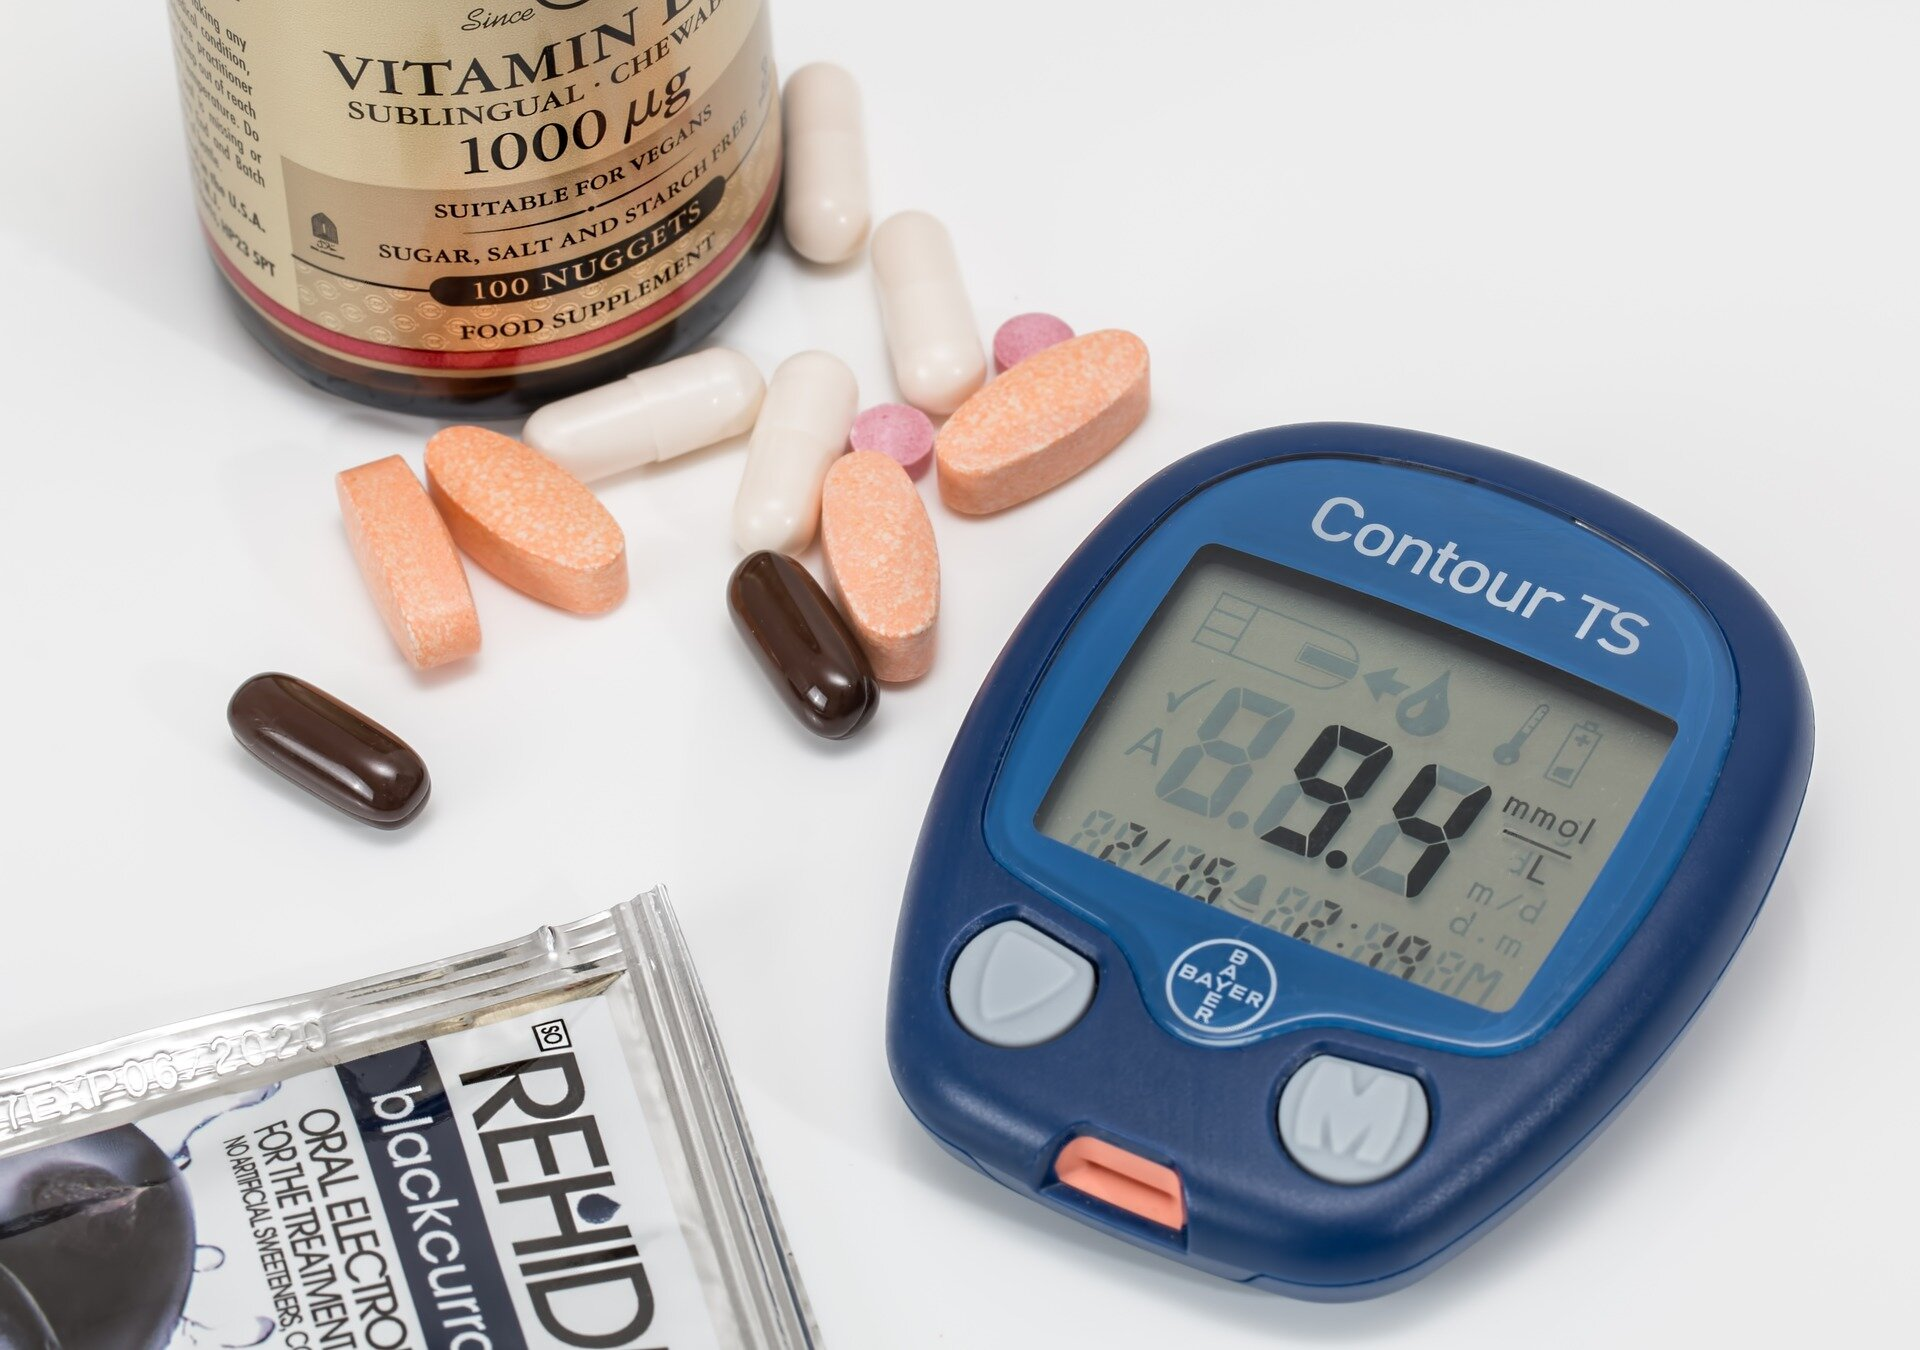 طليعة الأنسولين المعيبة علامة مبكرة على السكري نمط 2 - علامة مبكرة على الإصابة بالسكري من النمط الثاني - عملية الطي الطبيعية